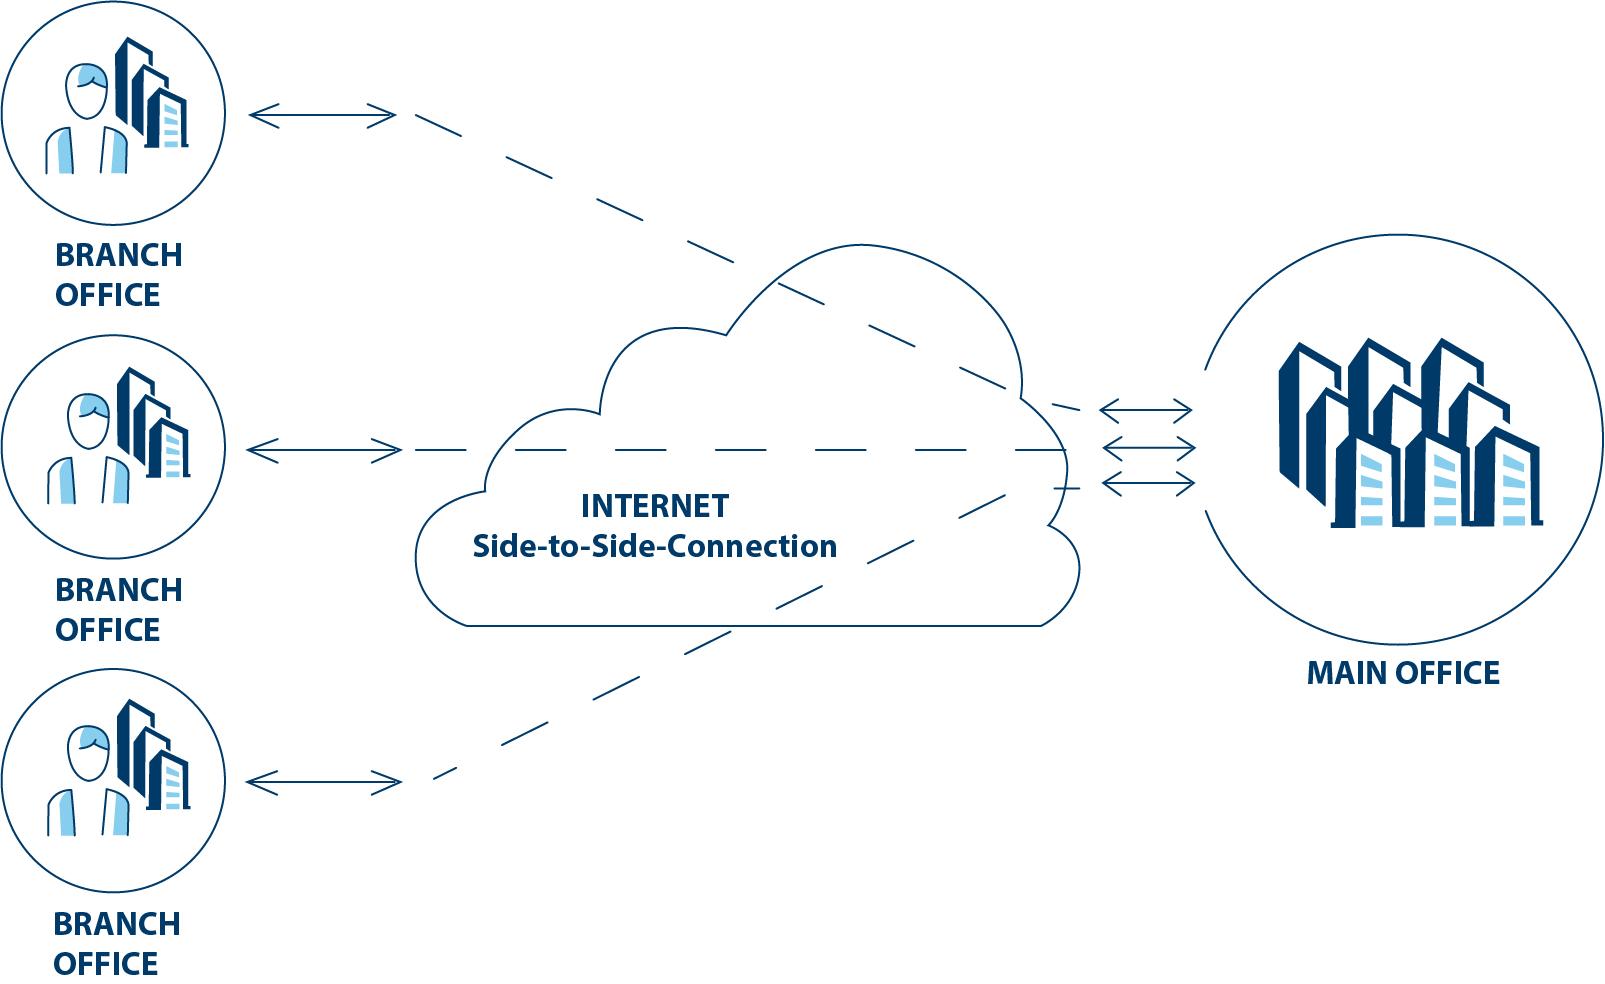 Schaubild eiener Side-to-Side Verbindung, die mehrere Büros miteinander verbindet